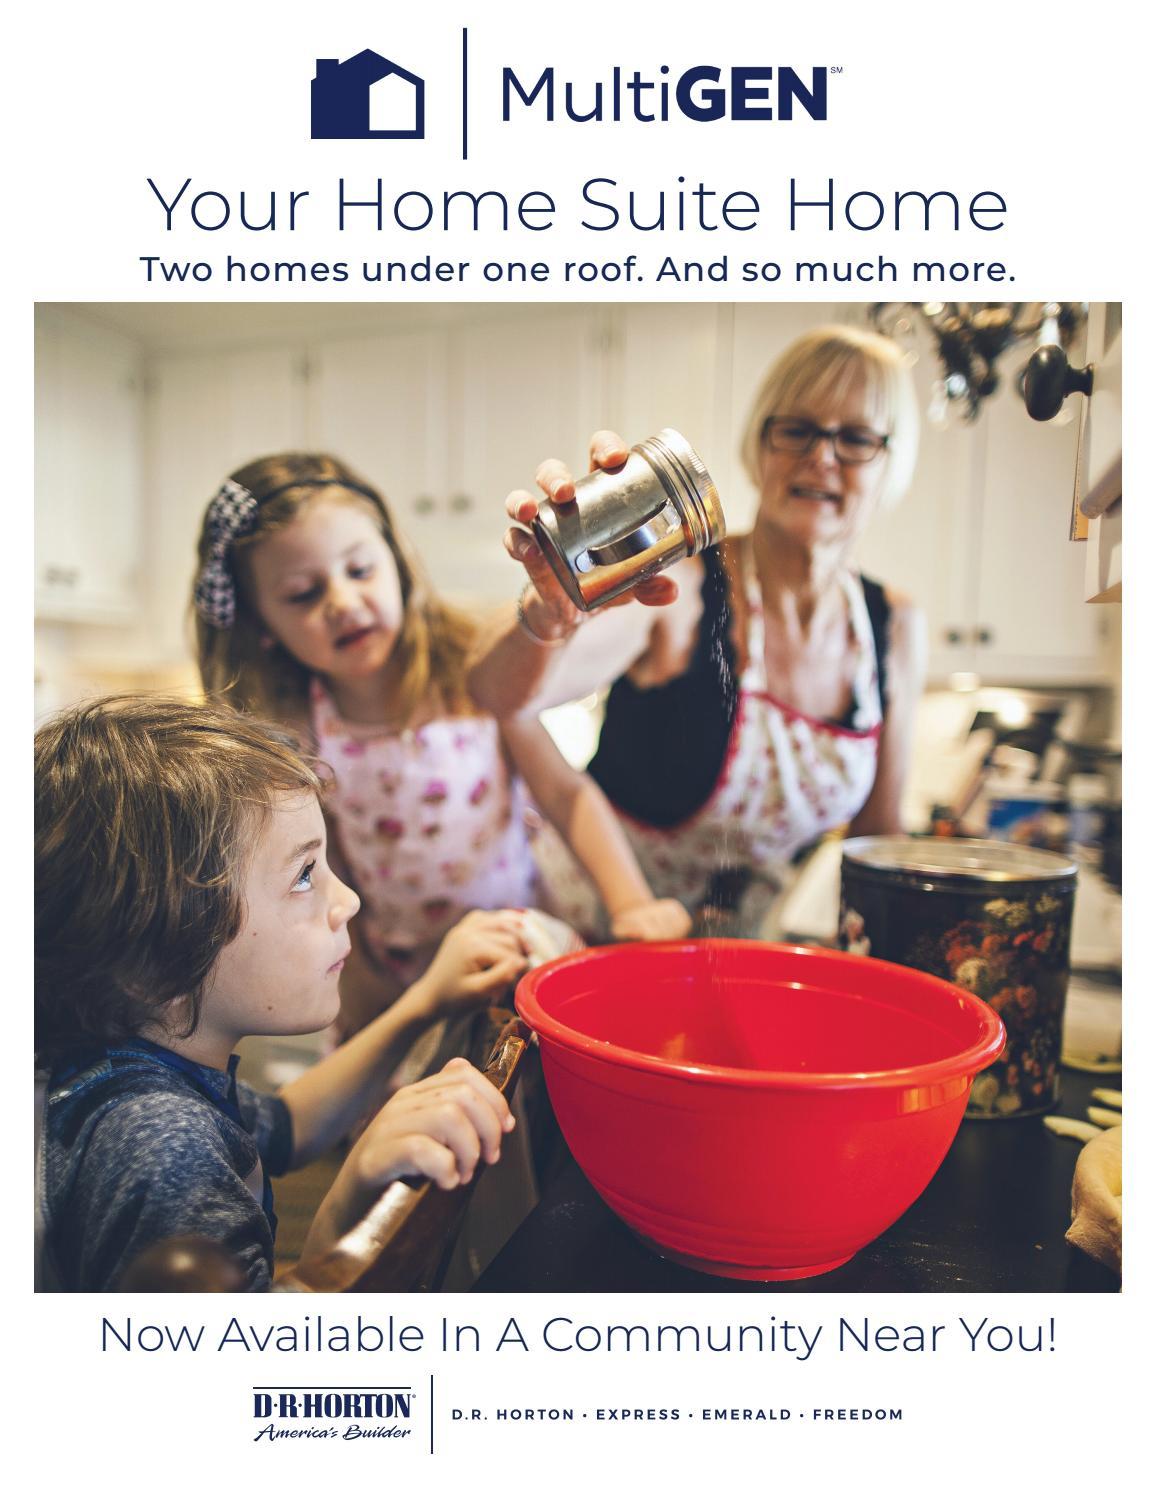 D R Horton Multigen Your Home Suite Home By D R Horton Central Florida Issuu